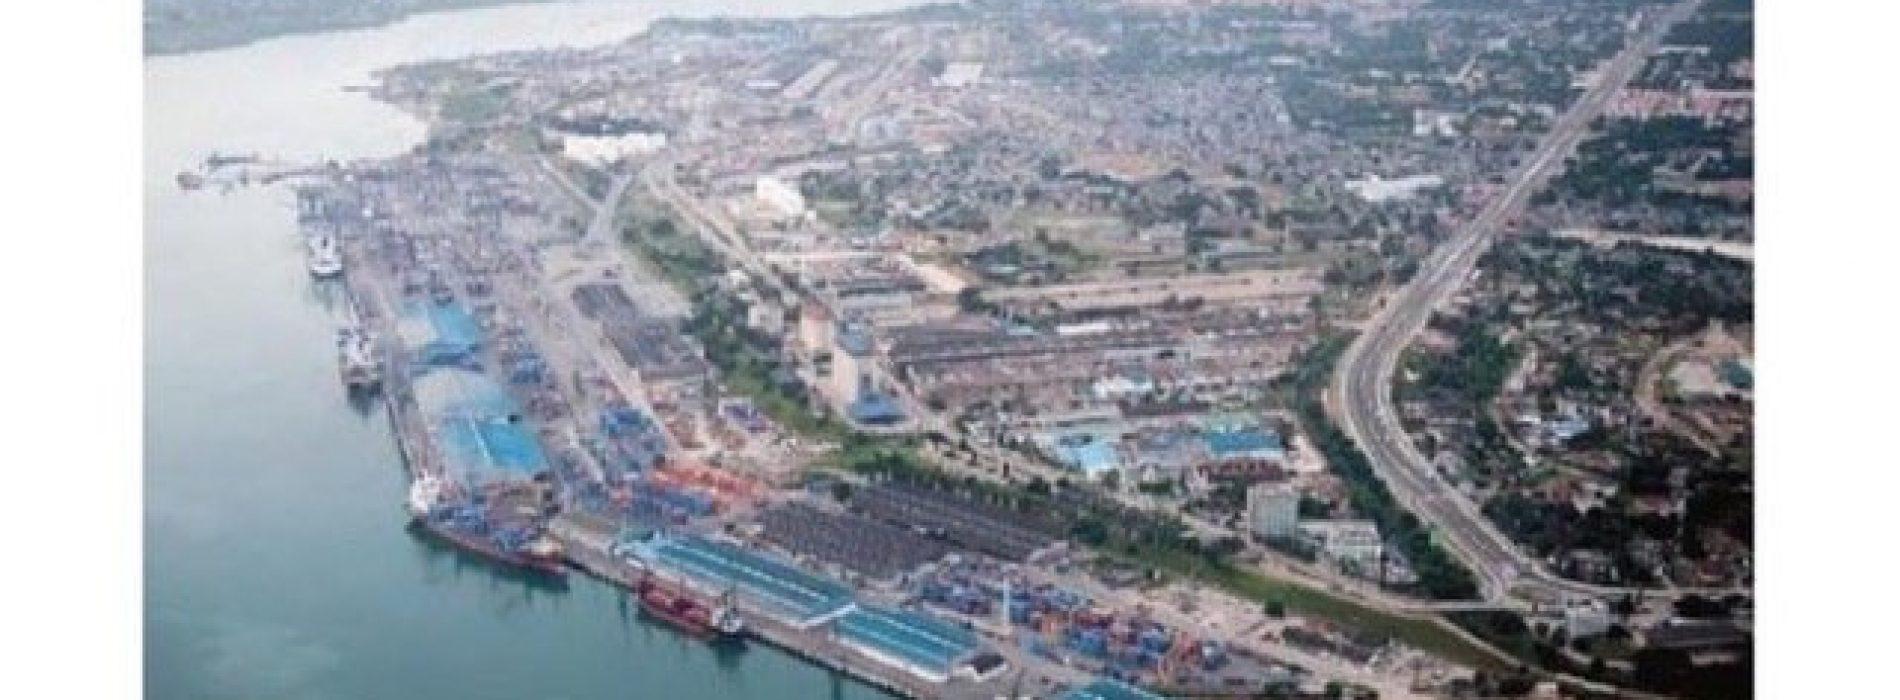 Tanzania: il porto di Dar es Salaam punta a 25 milioni di tonnellate di carico entro il 2025